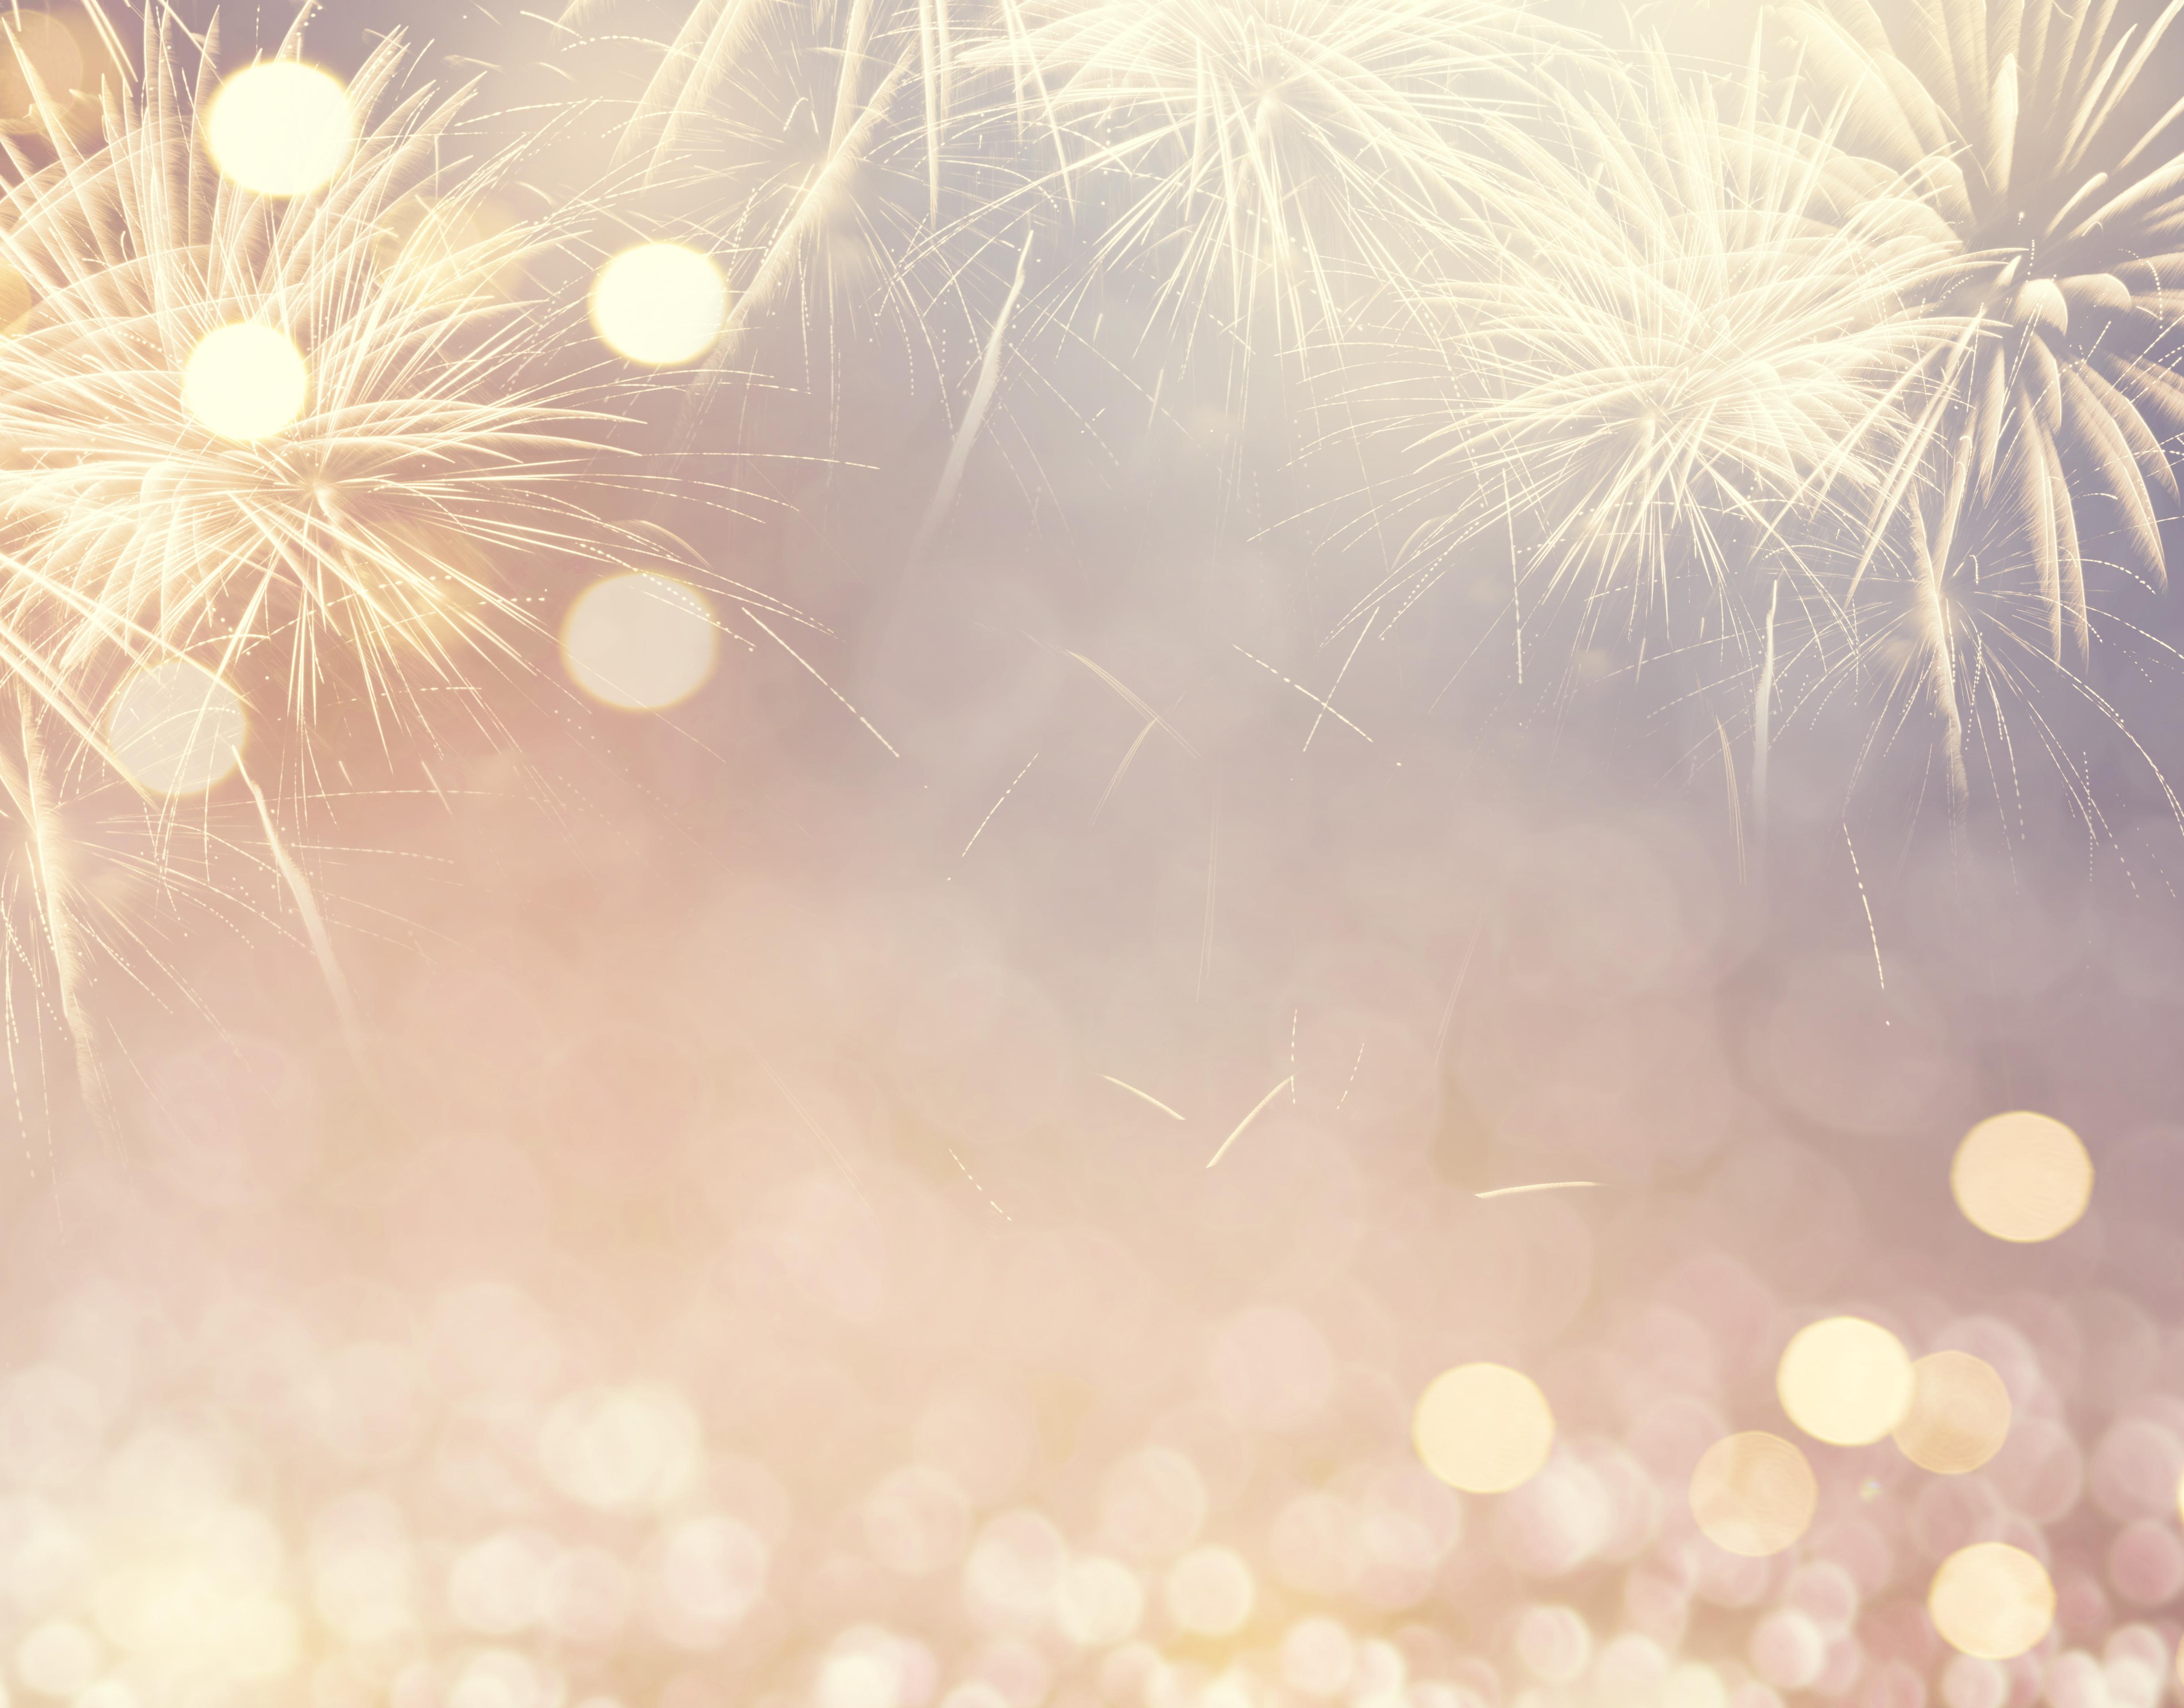 Ein schönes neues Jahr 2018!